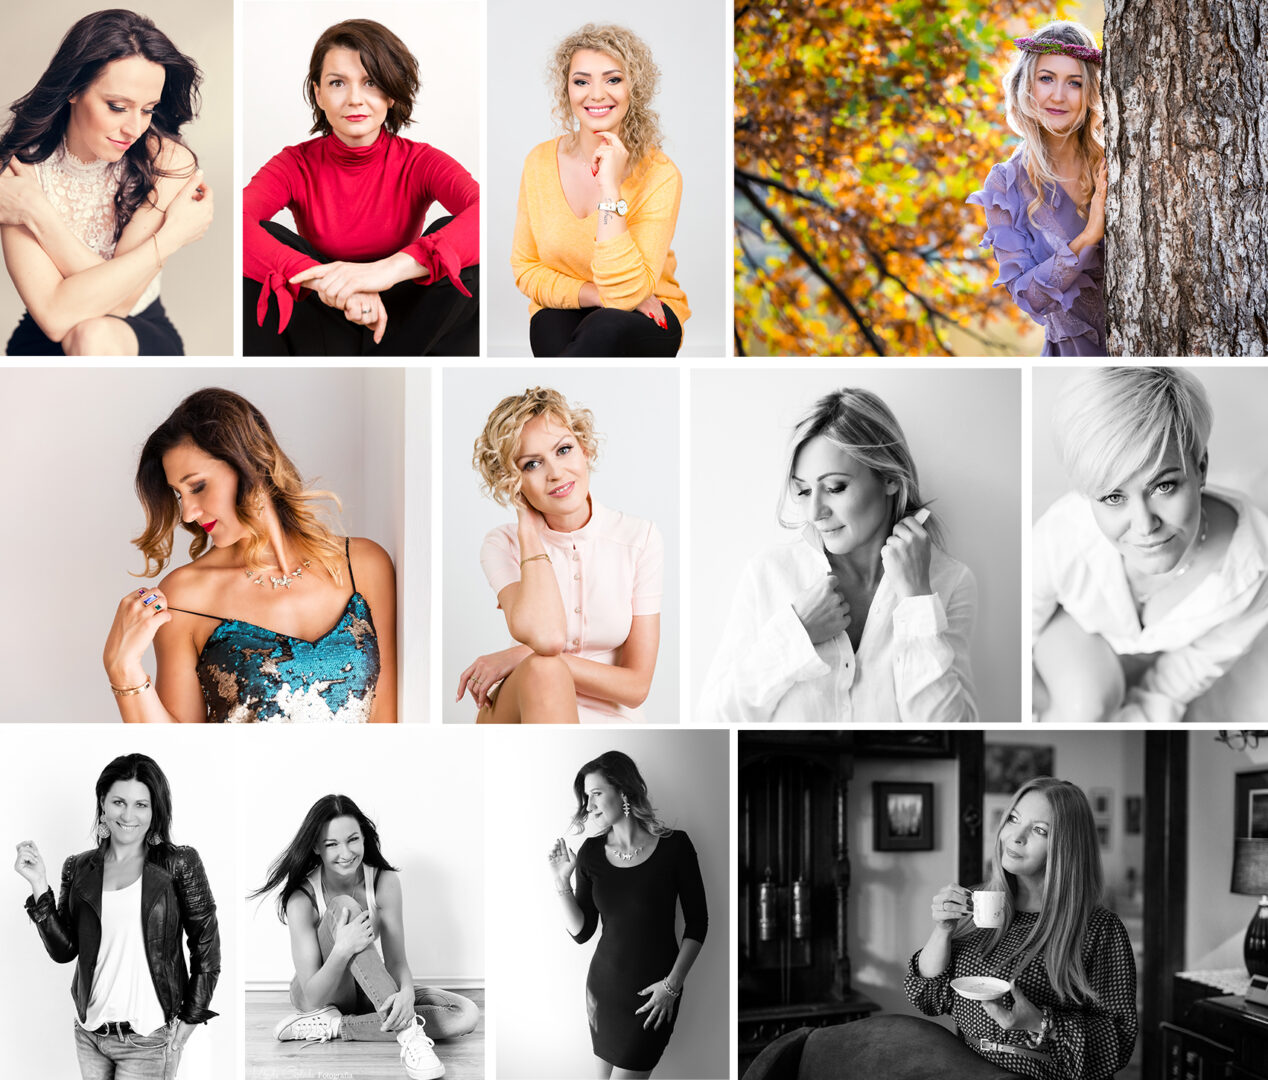 zdjęcia portretowe kobiet